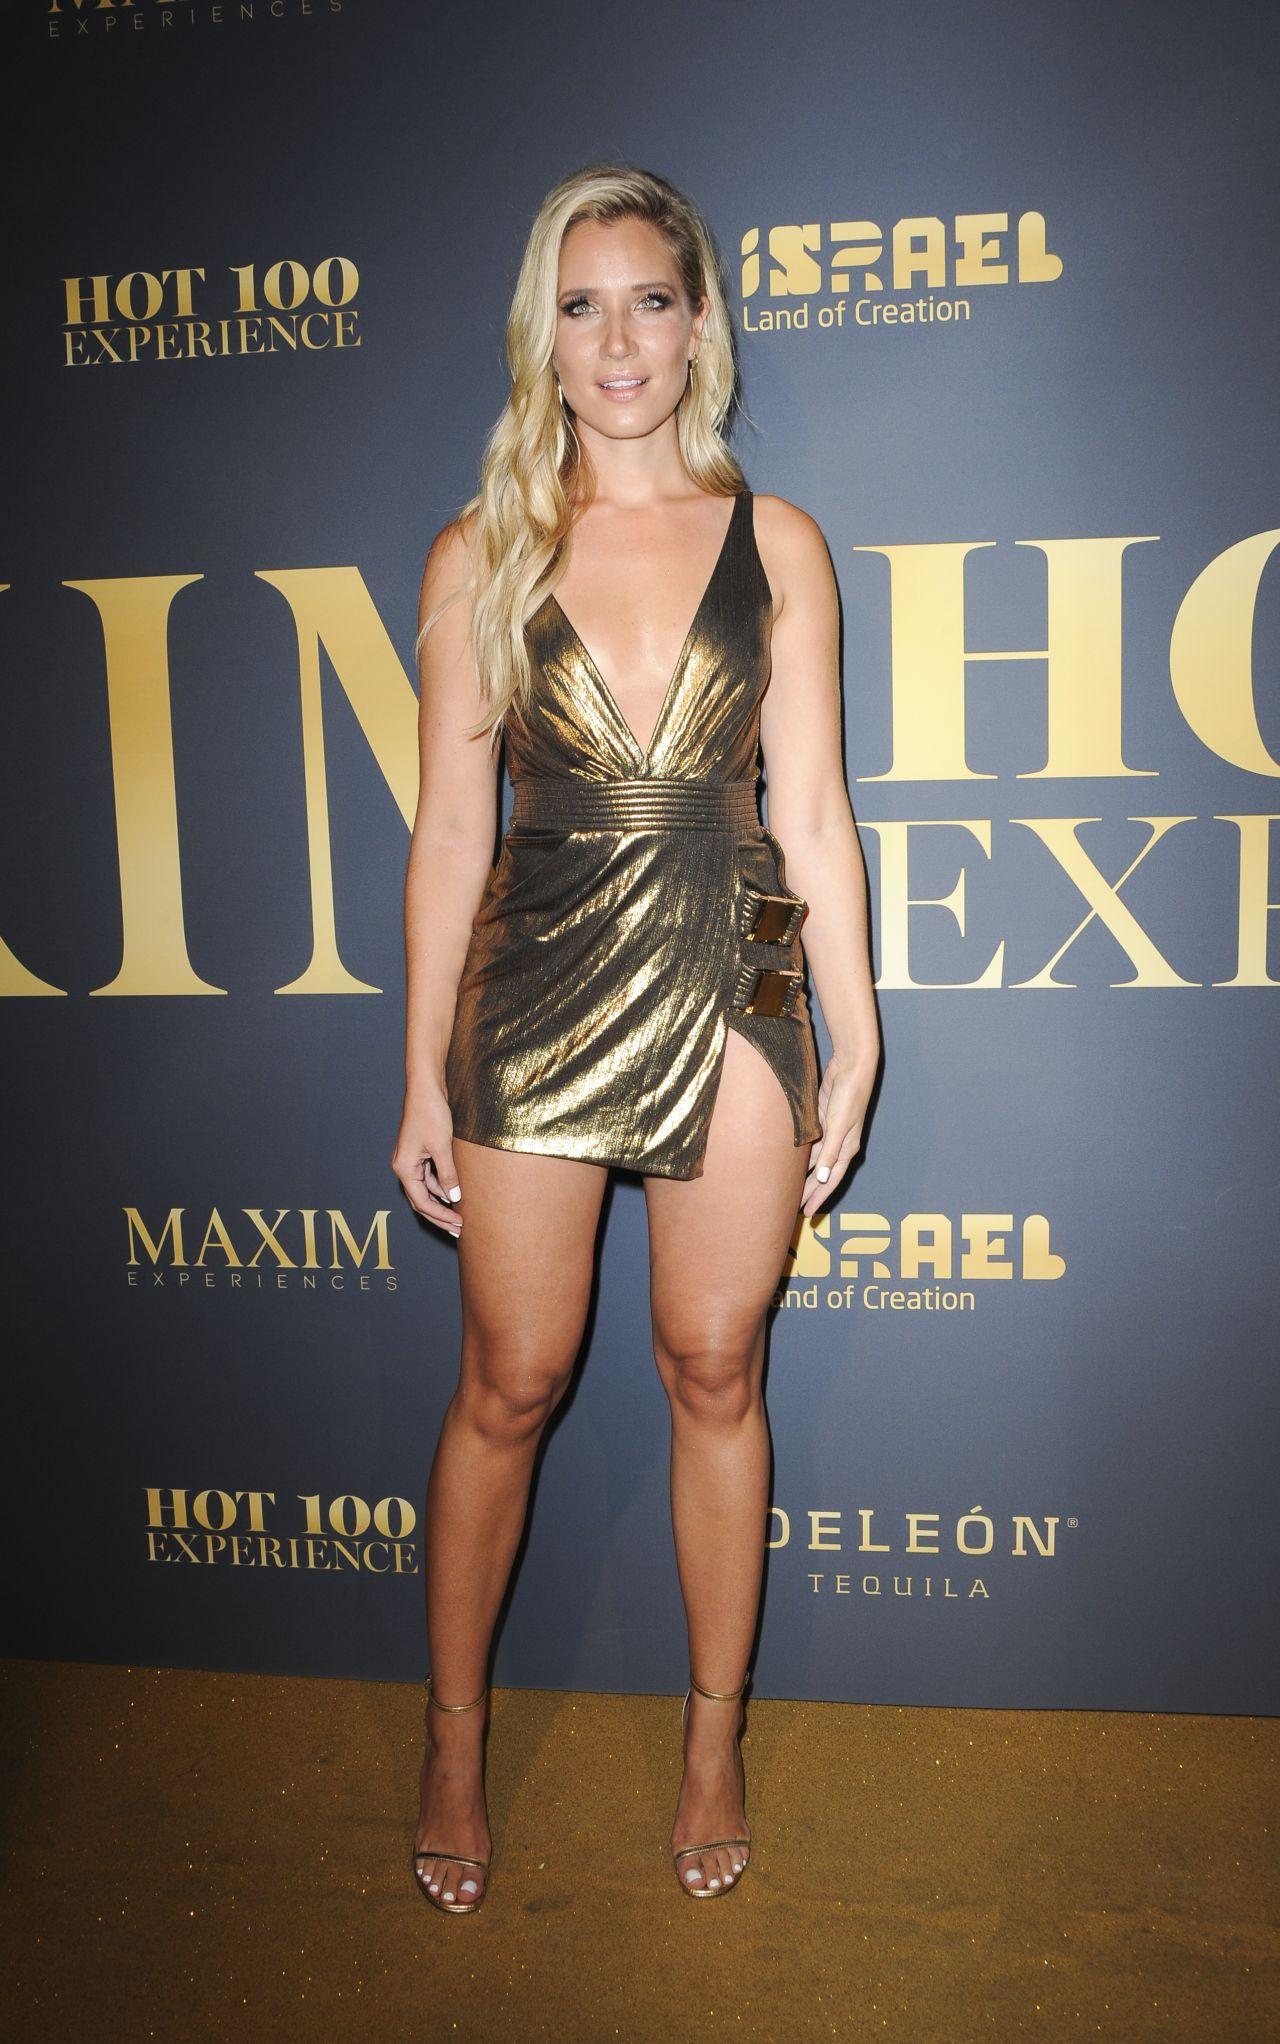 Hanna alström nude